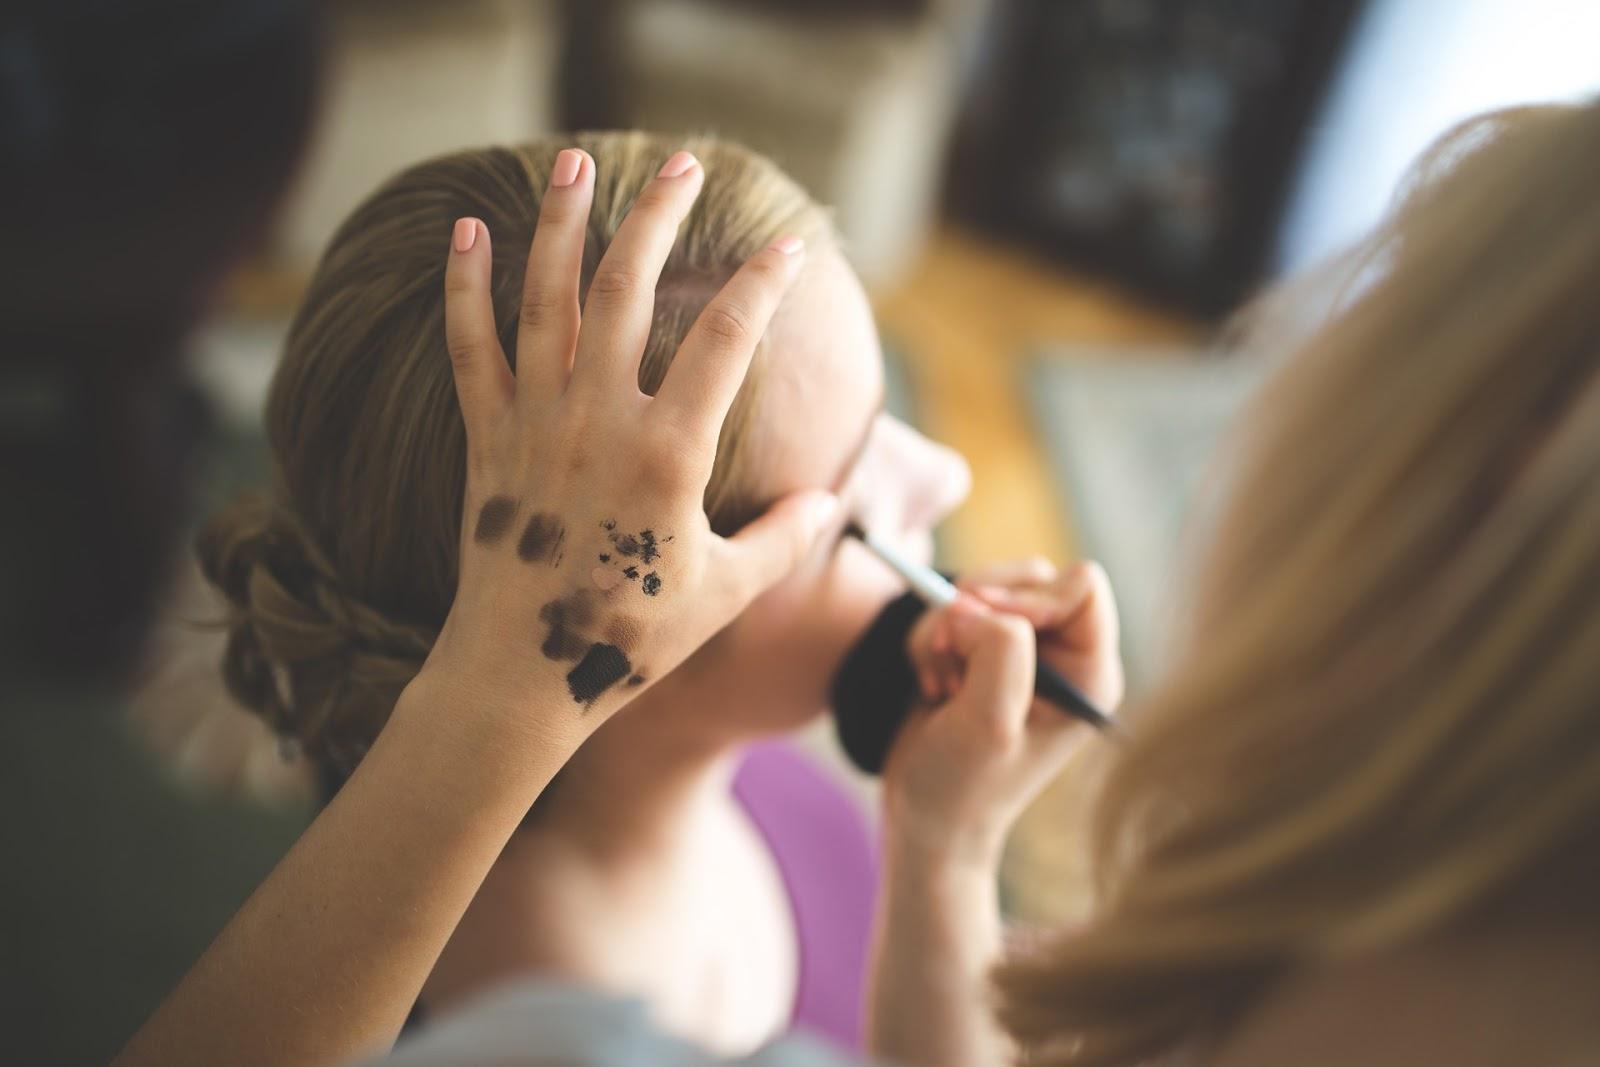 A makeup artist works on a client